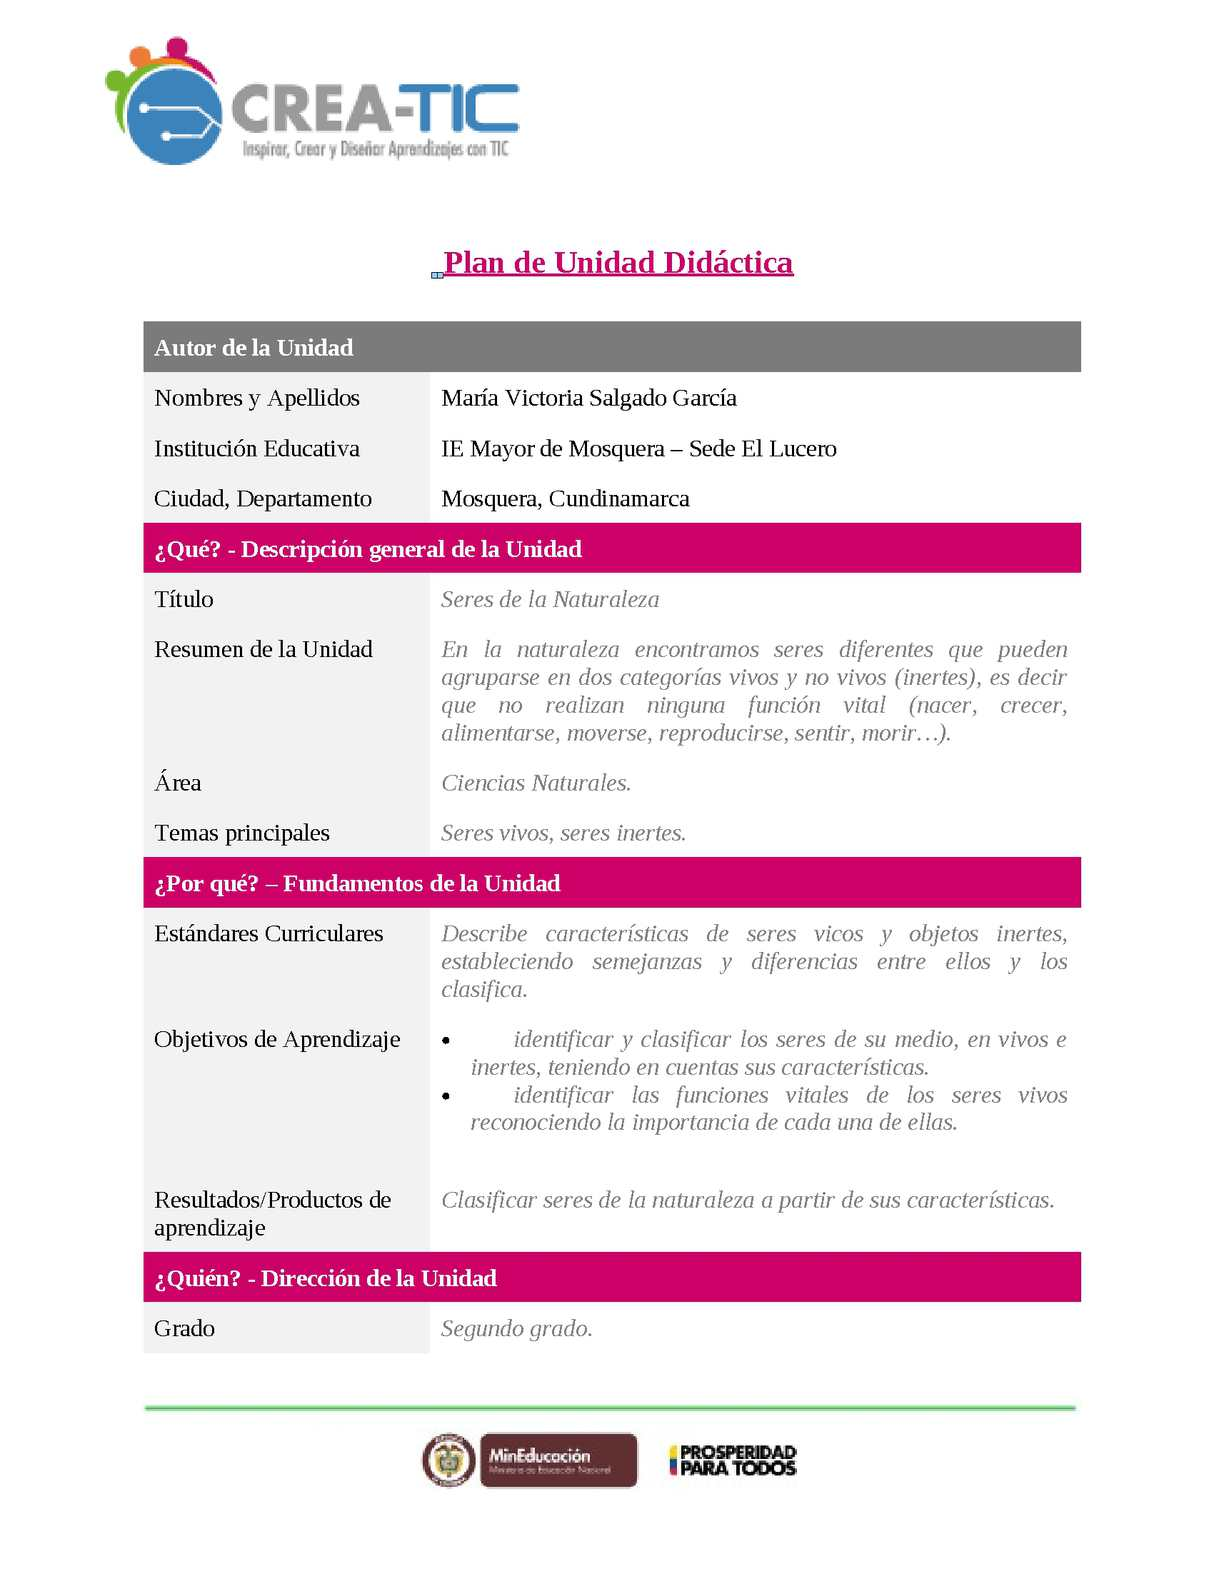 Calaméo - Plantilla Completa Plan De Unidad Didáctica